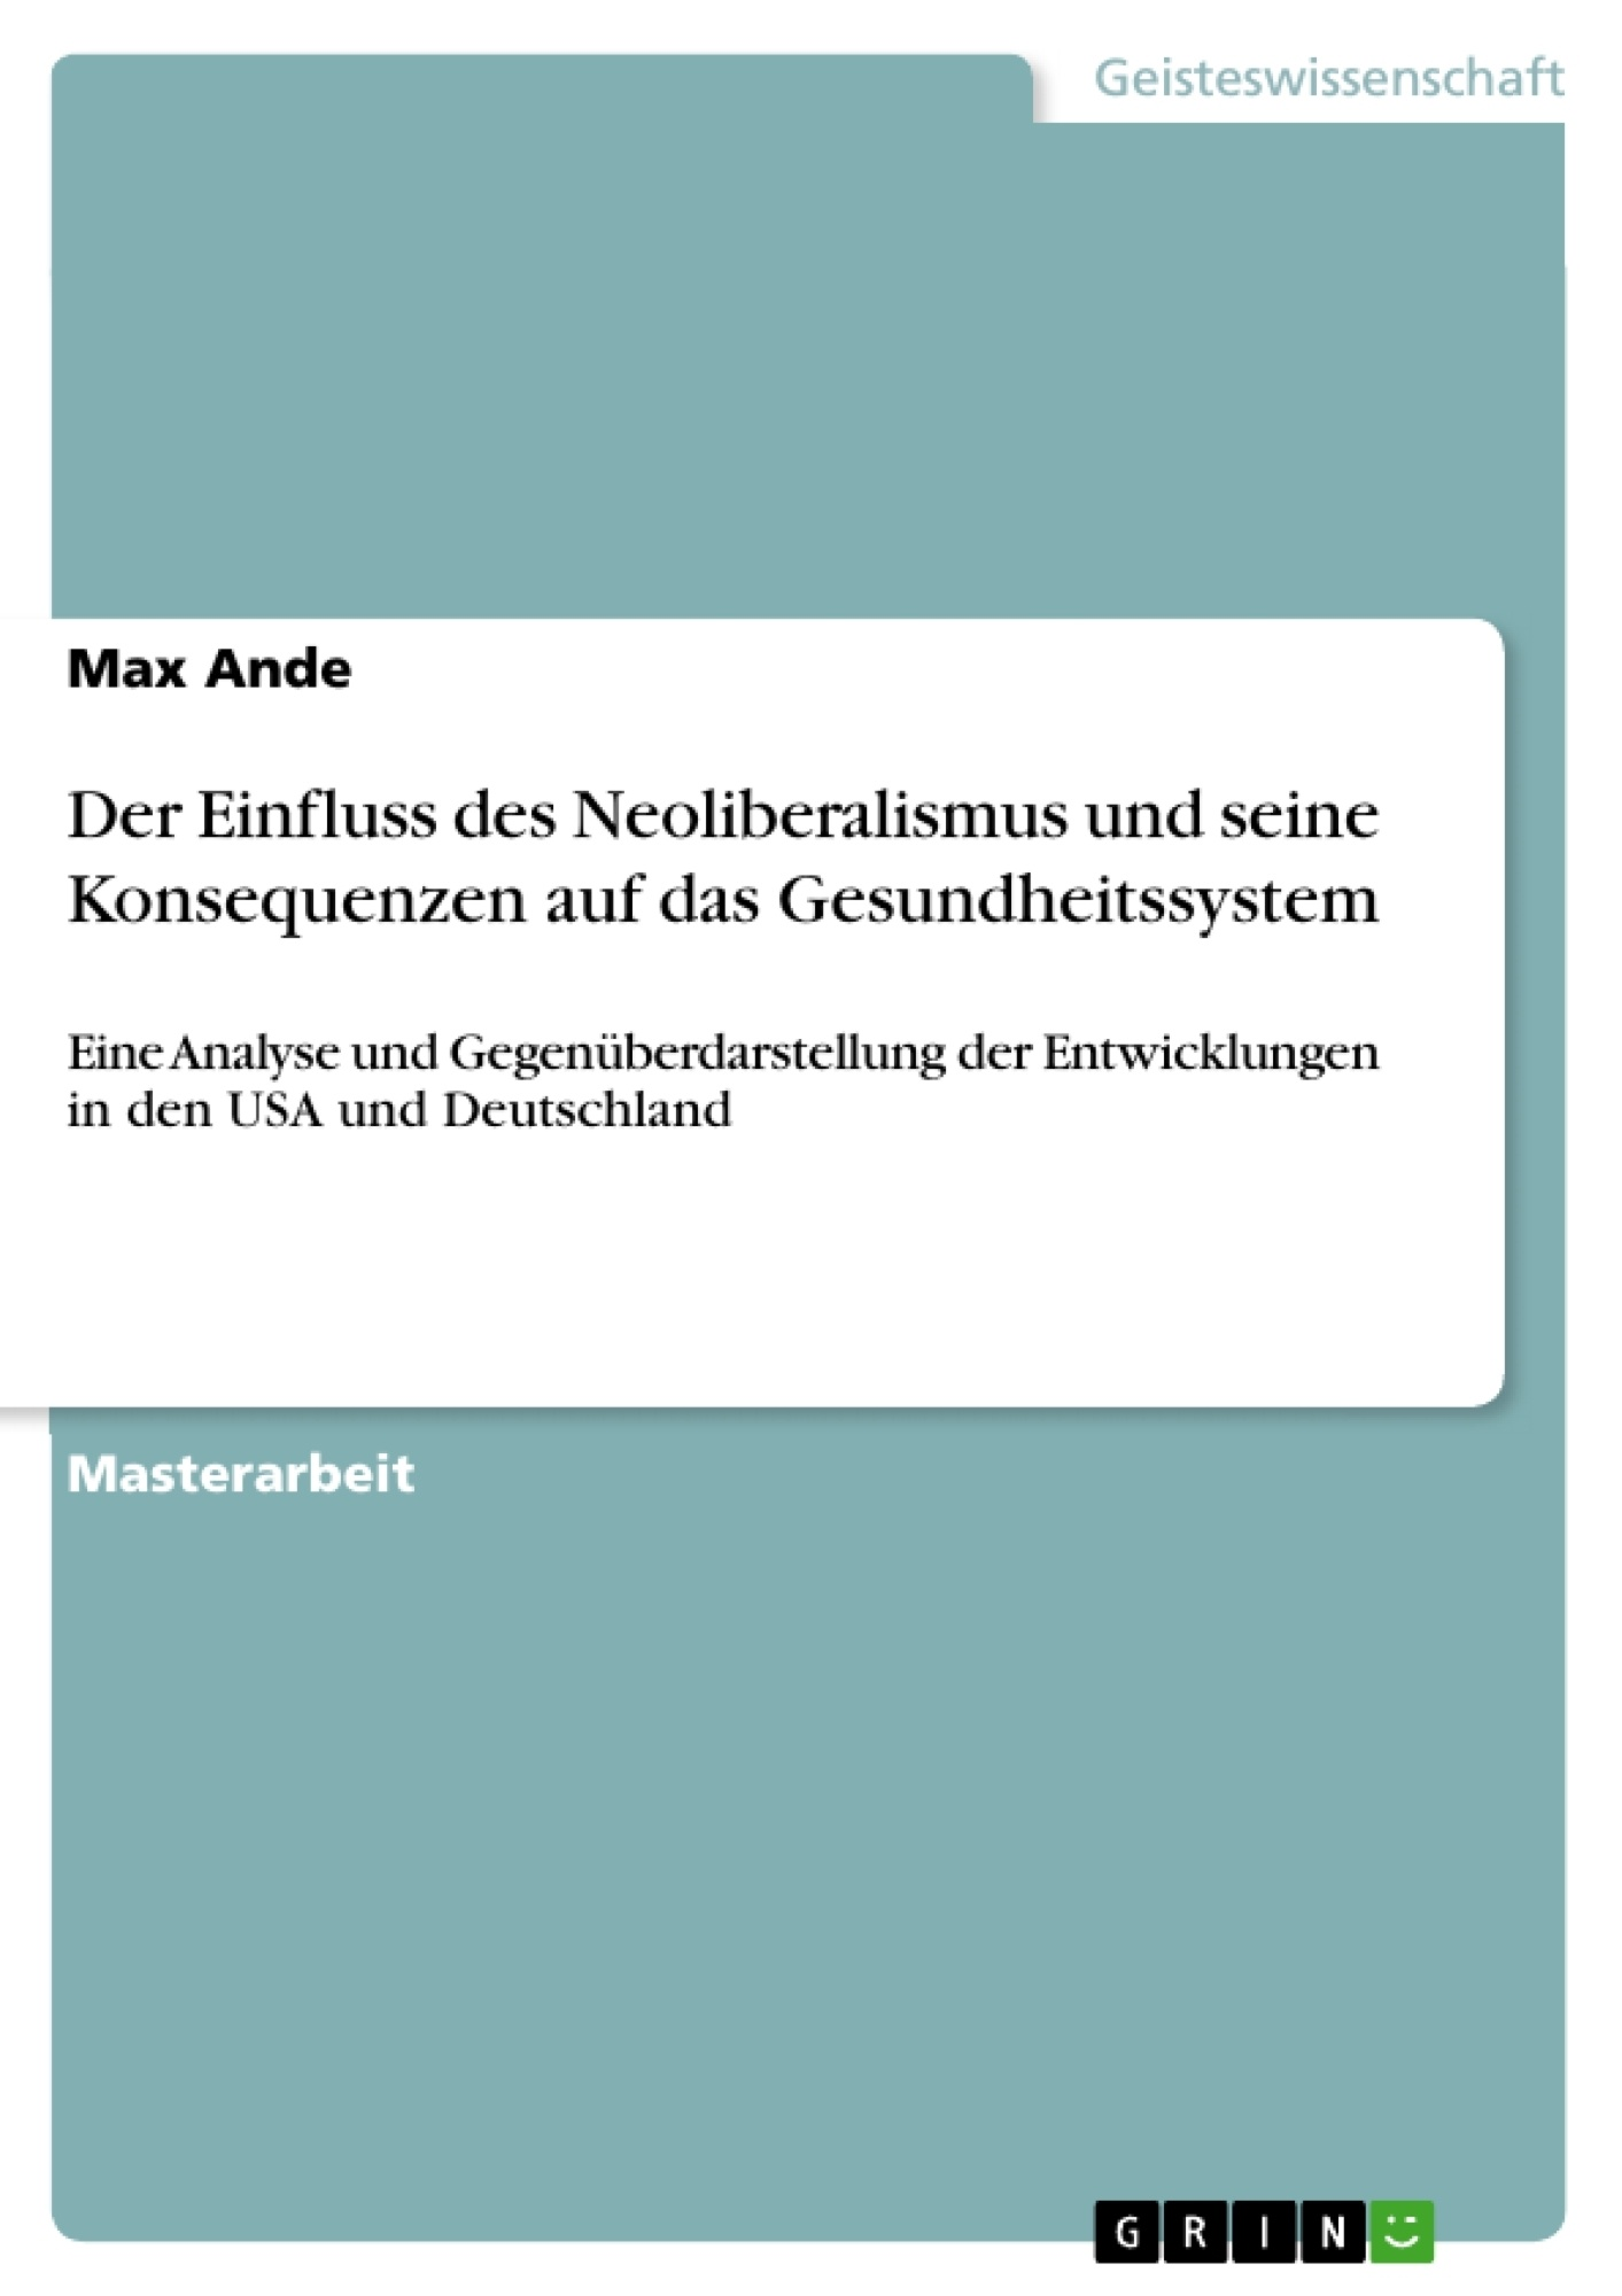 Titel: Der Einfluss des Neoliberalismus und seine Konsequenzen auf das Gesundheitssystem